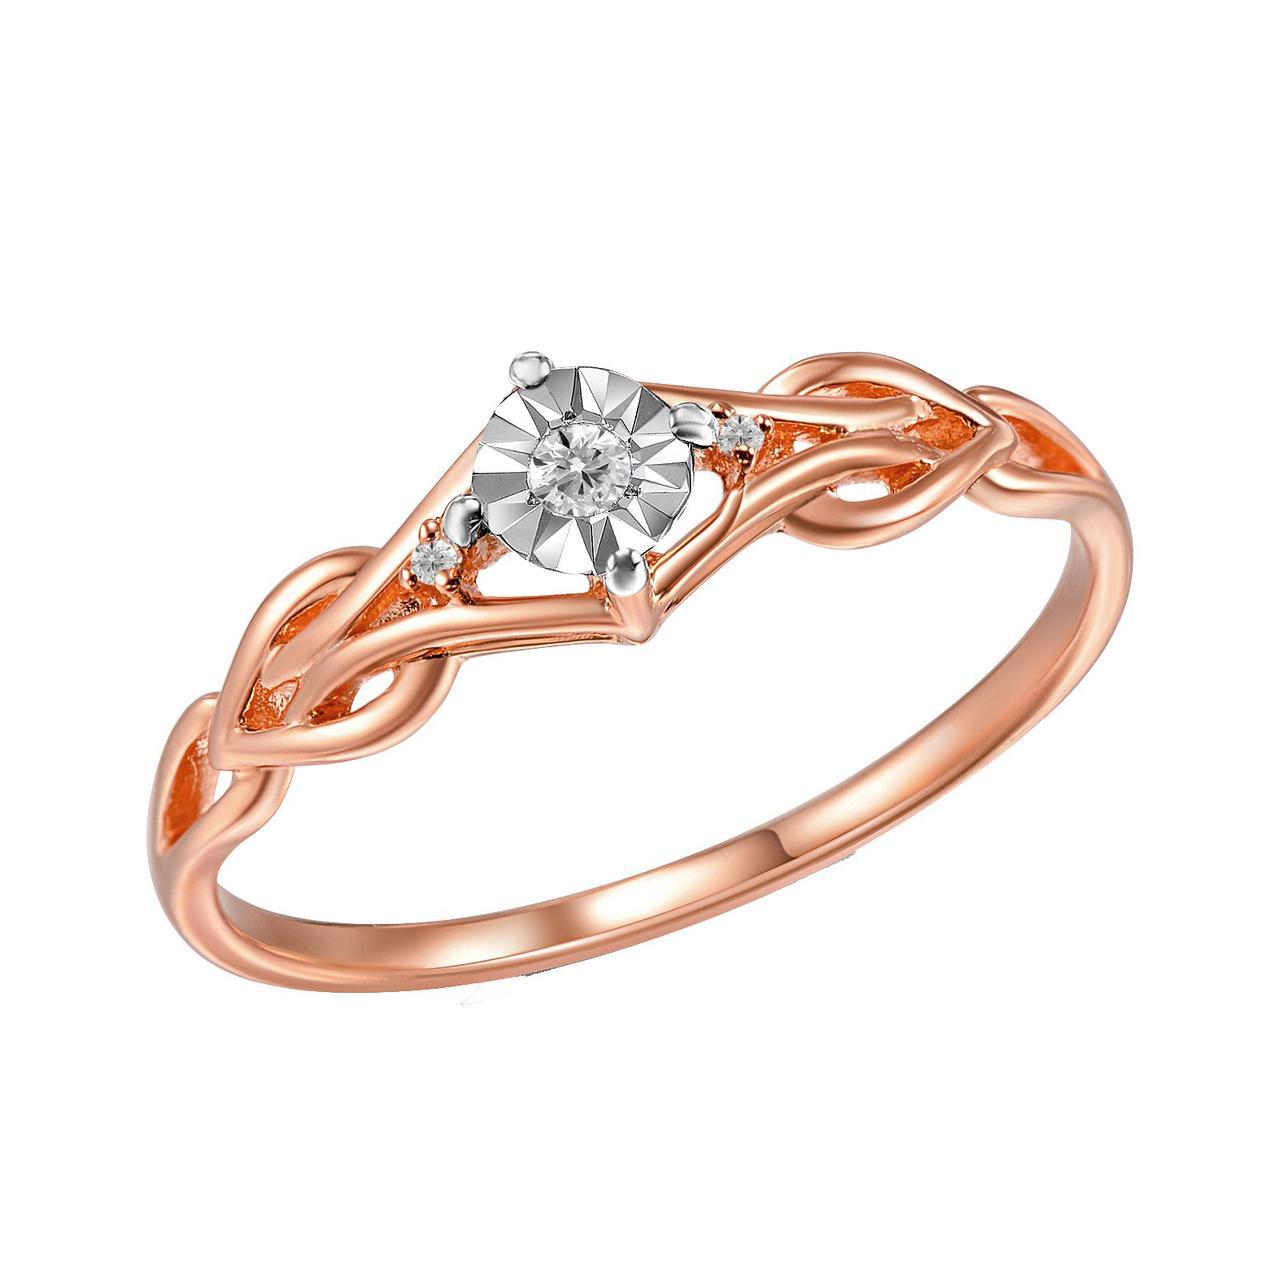 Золотое кольцо с бриллиантами, размер 16 (1668037)